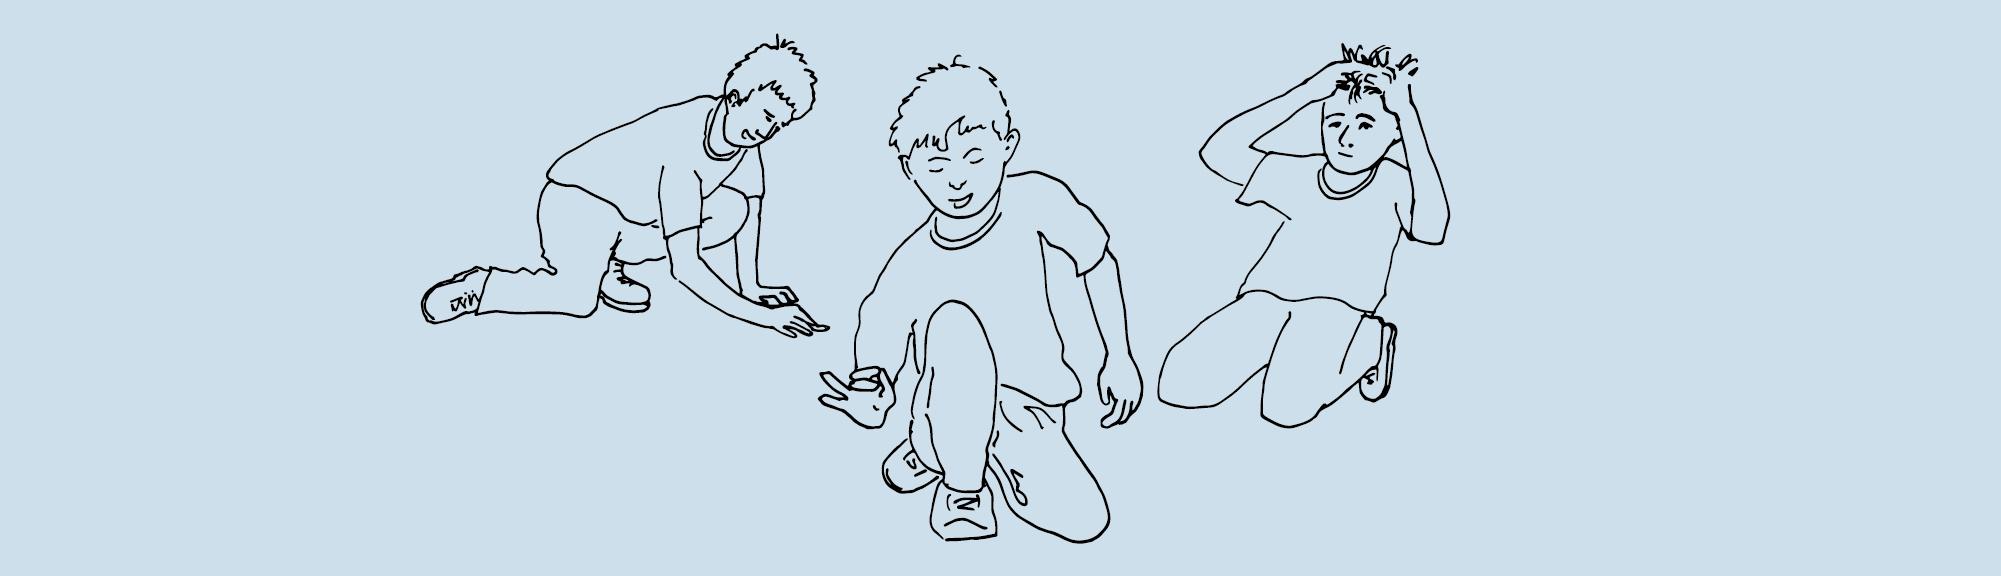 Kolorowanka – Śląskie tradycje – Gry i zabawy: gra w kapsle